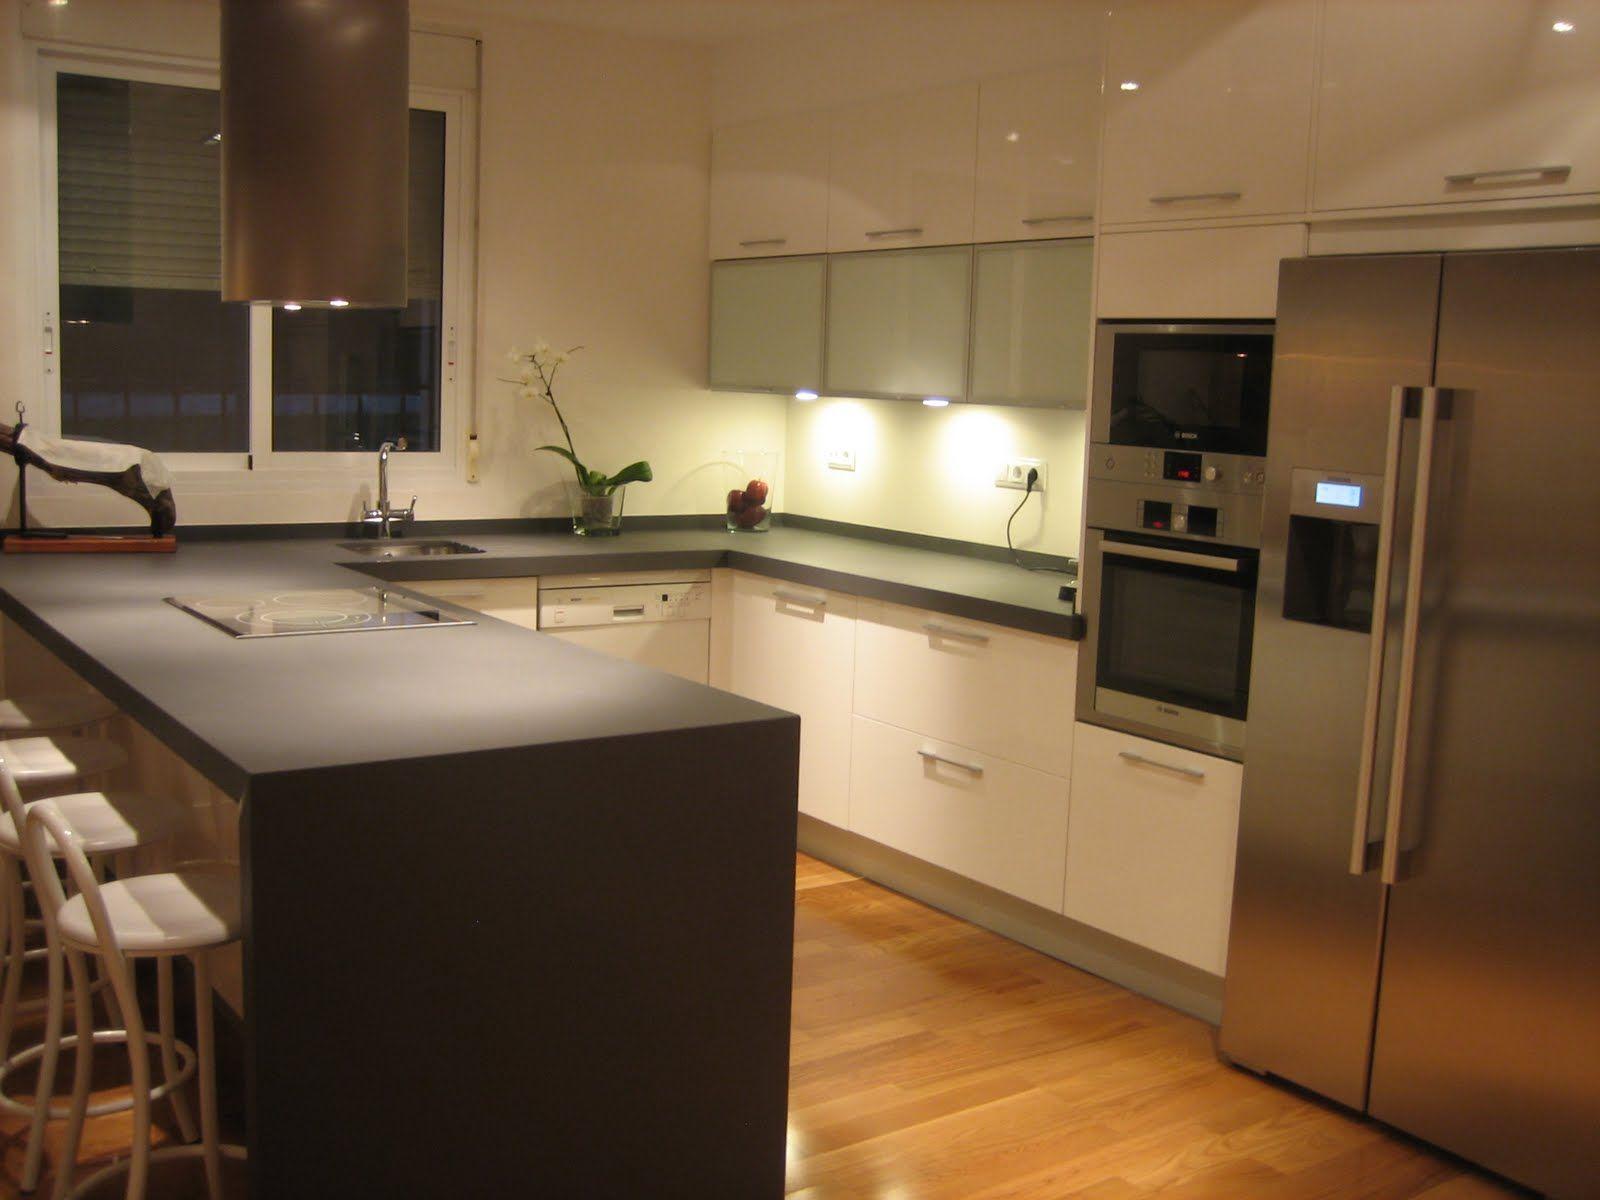 Formas almacen de cocinas sl medidas perfectas para una for Cocinas modernas con isla central y desayunador